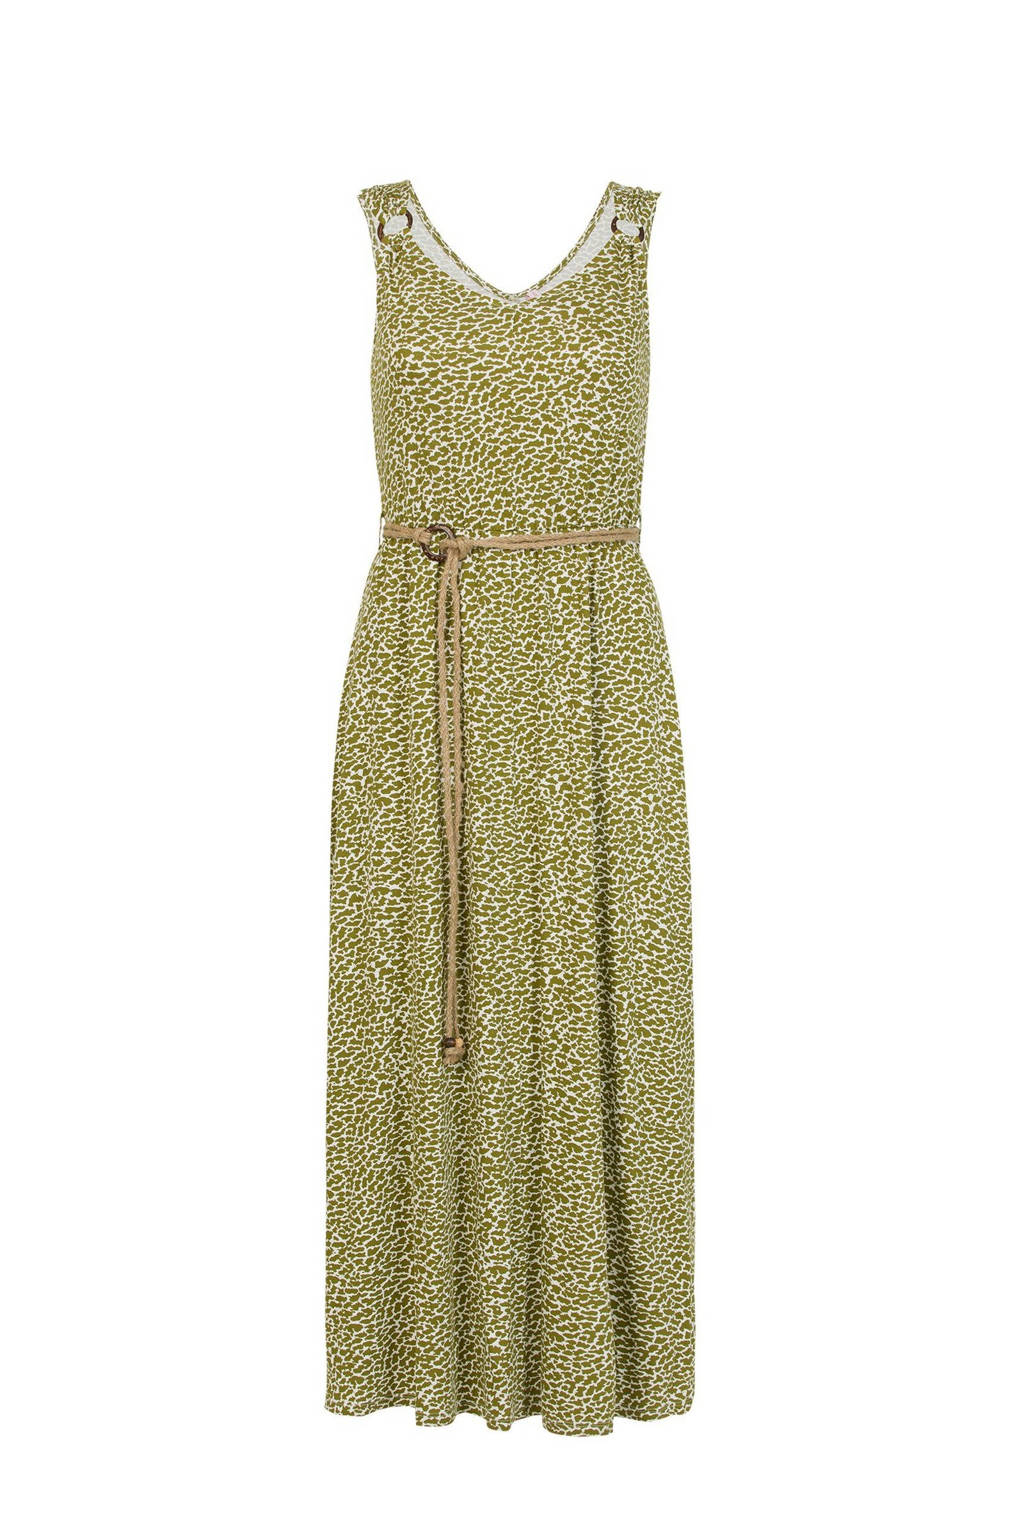 Miss Etam Regulier maxi jurk met all over print en open detail groen, Groen